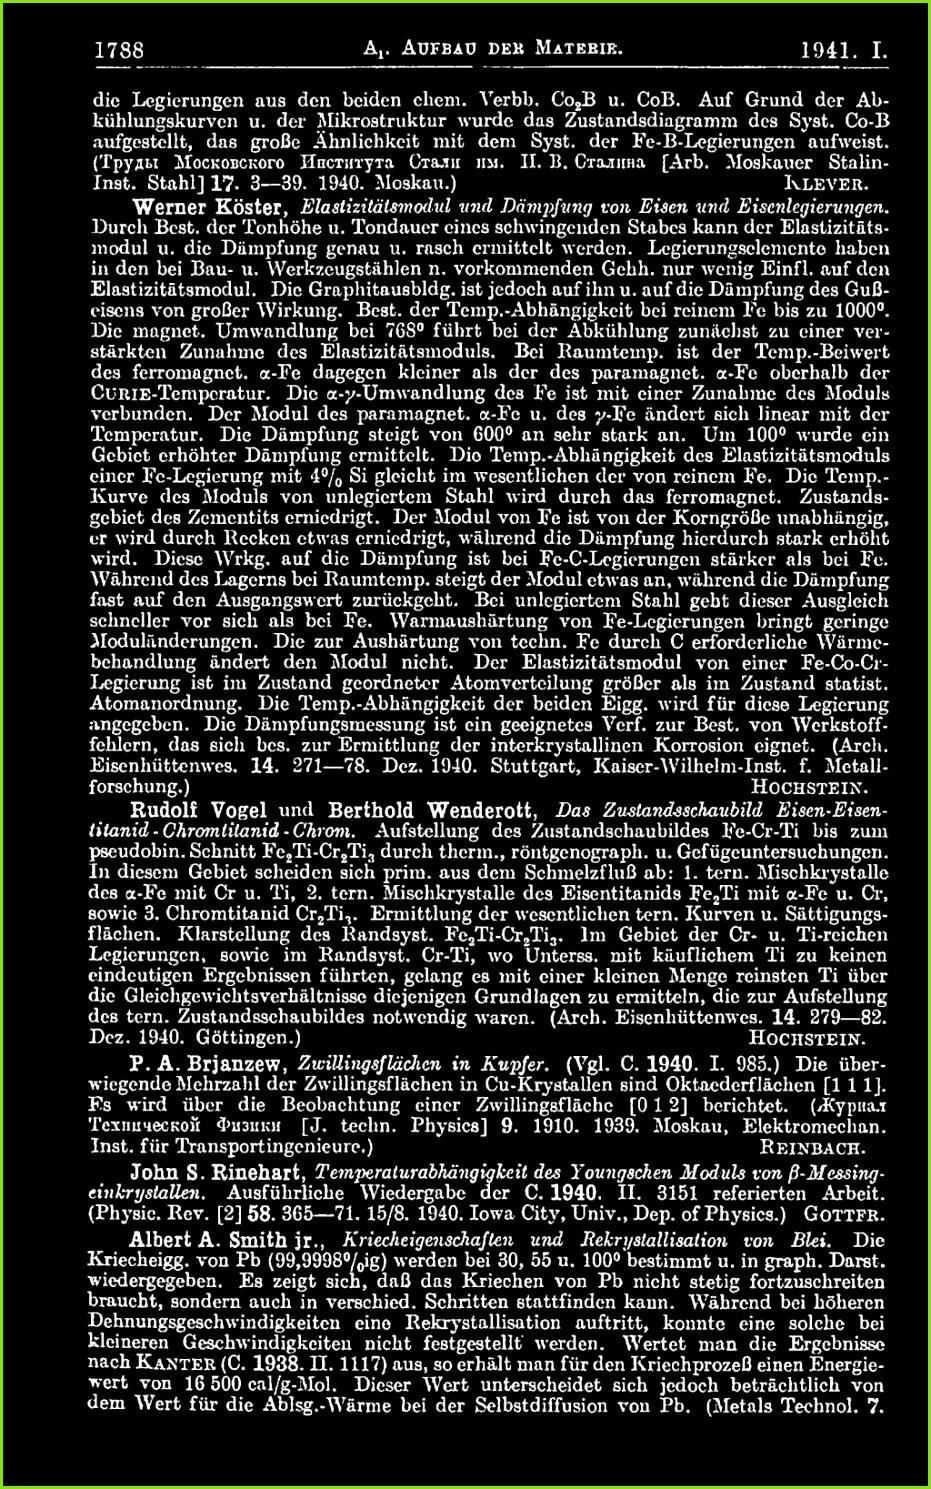 Widerspruch Bafög Muster Detaillierte Chemisches Zentralblatt Pdf 26 Editierbar Widerspruch Bafög Muster